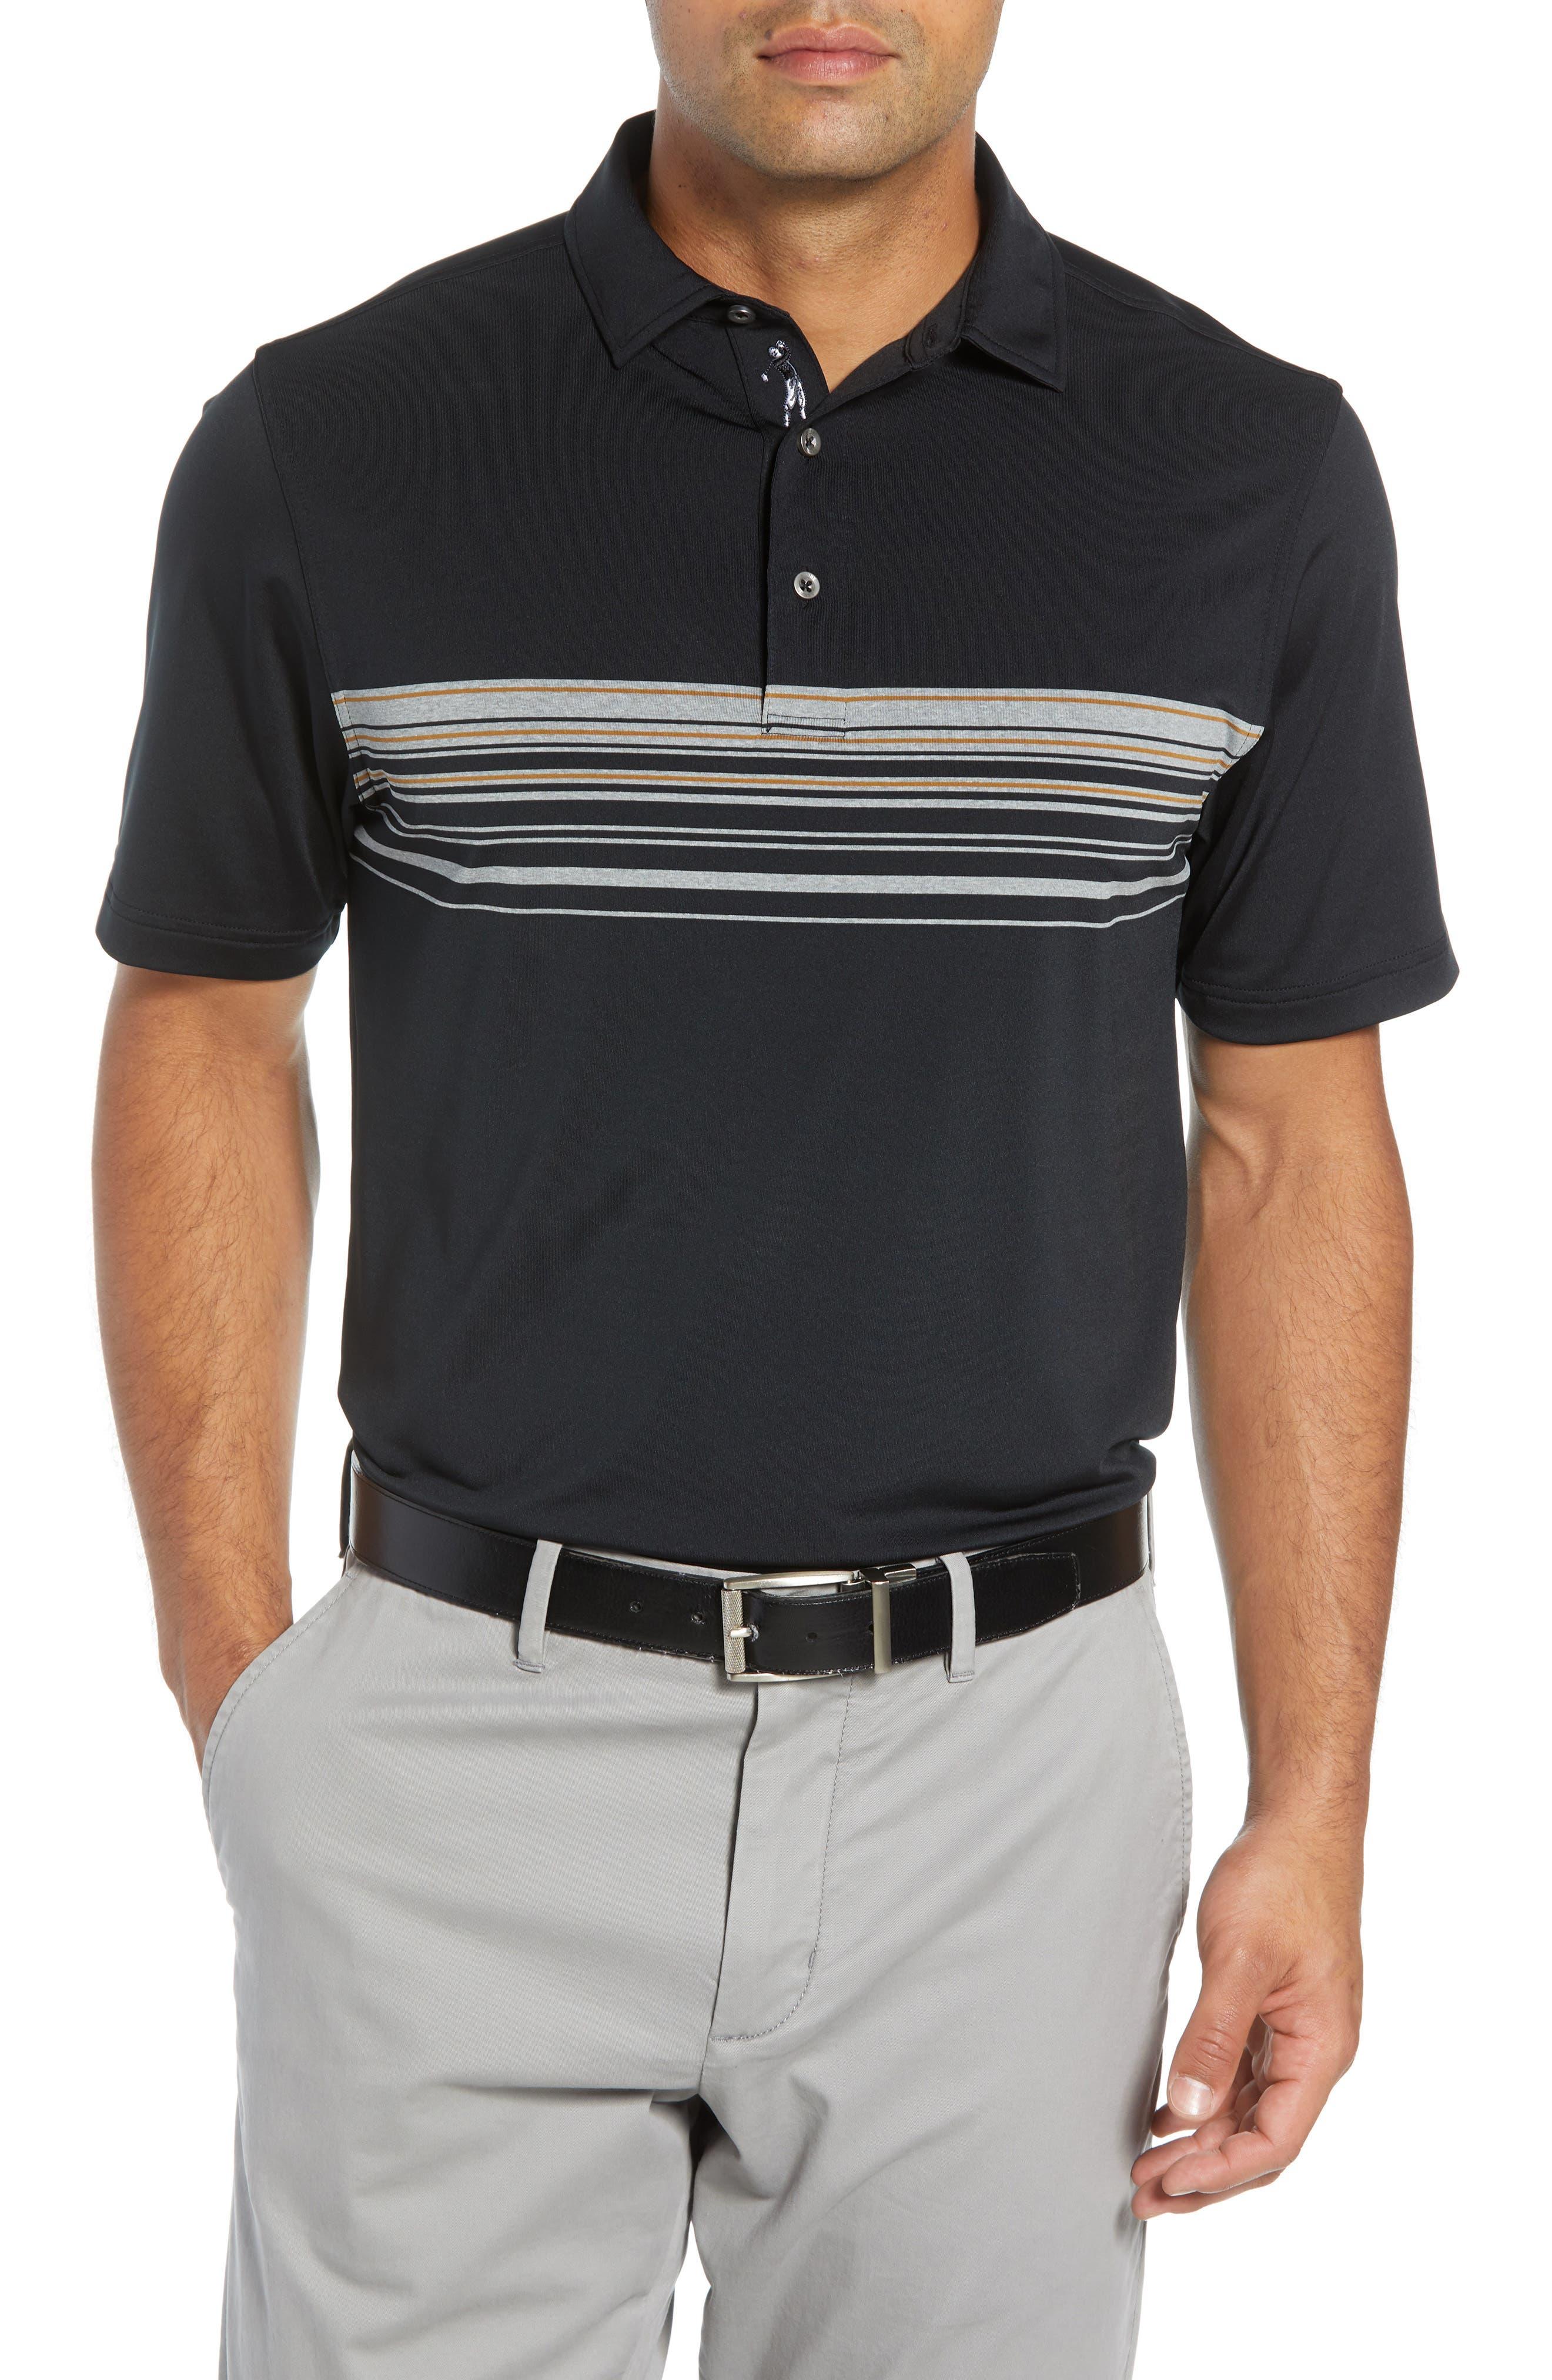 BOBBY JONES Xh20 Gable Stripe Jersey Polo in Black